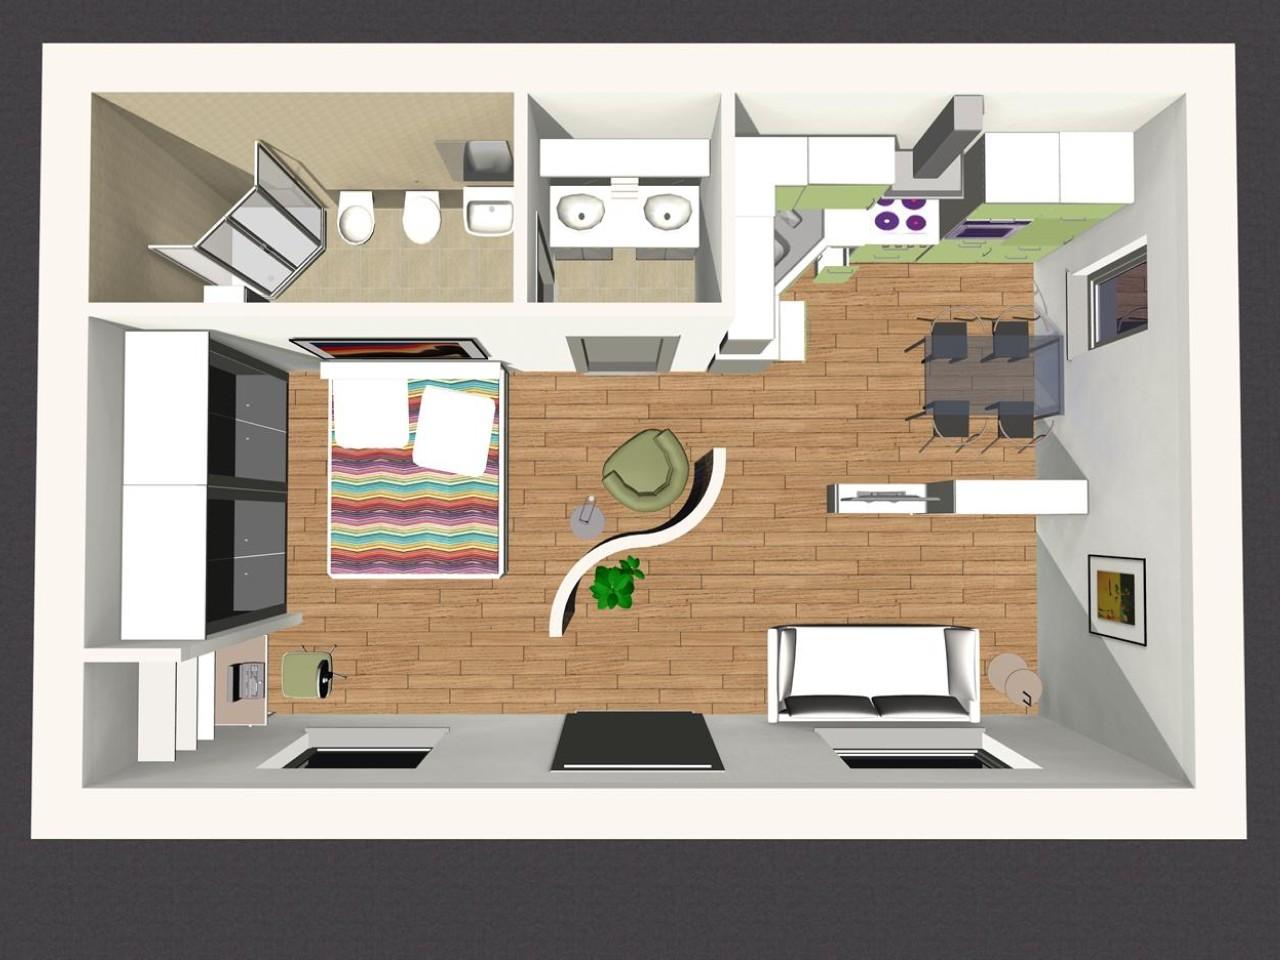 Come si calcolano i metri quadri di una casa idee per la casa - Calcolare metri quadri casa ...